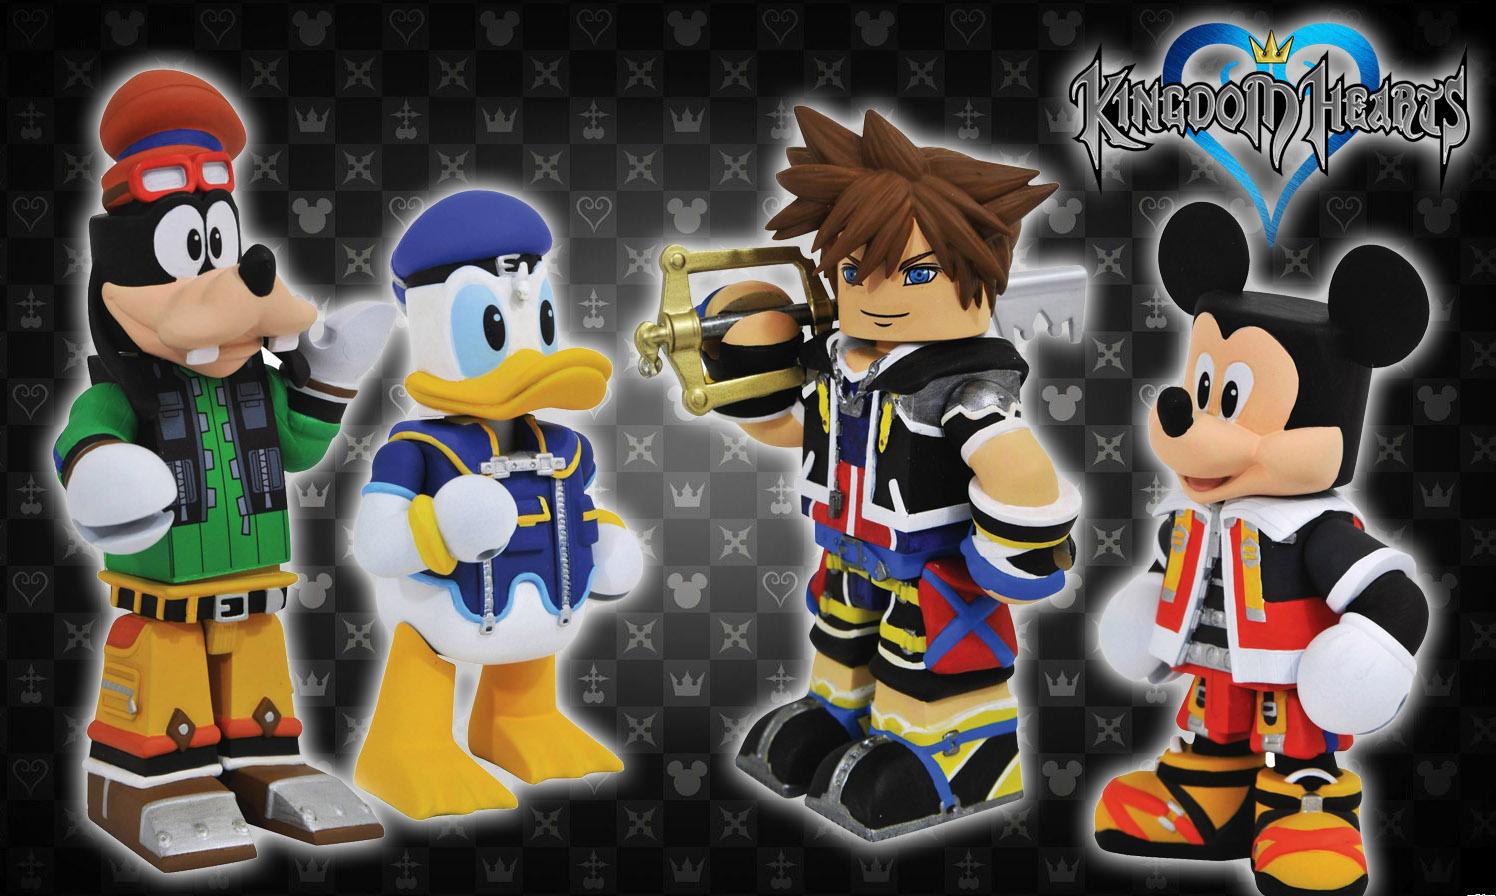 Sora Kingdom Hearts Vinimate Vinyl Figure